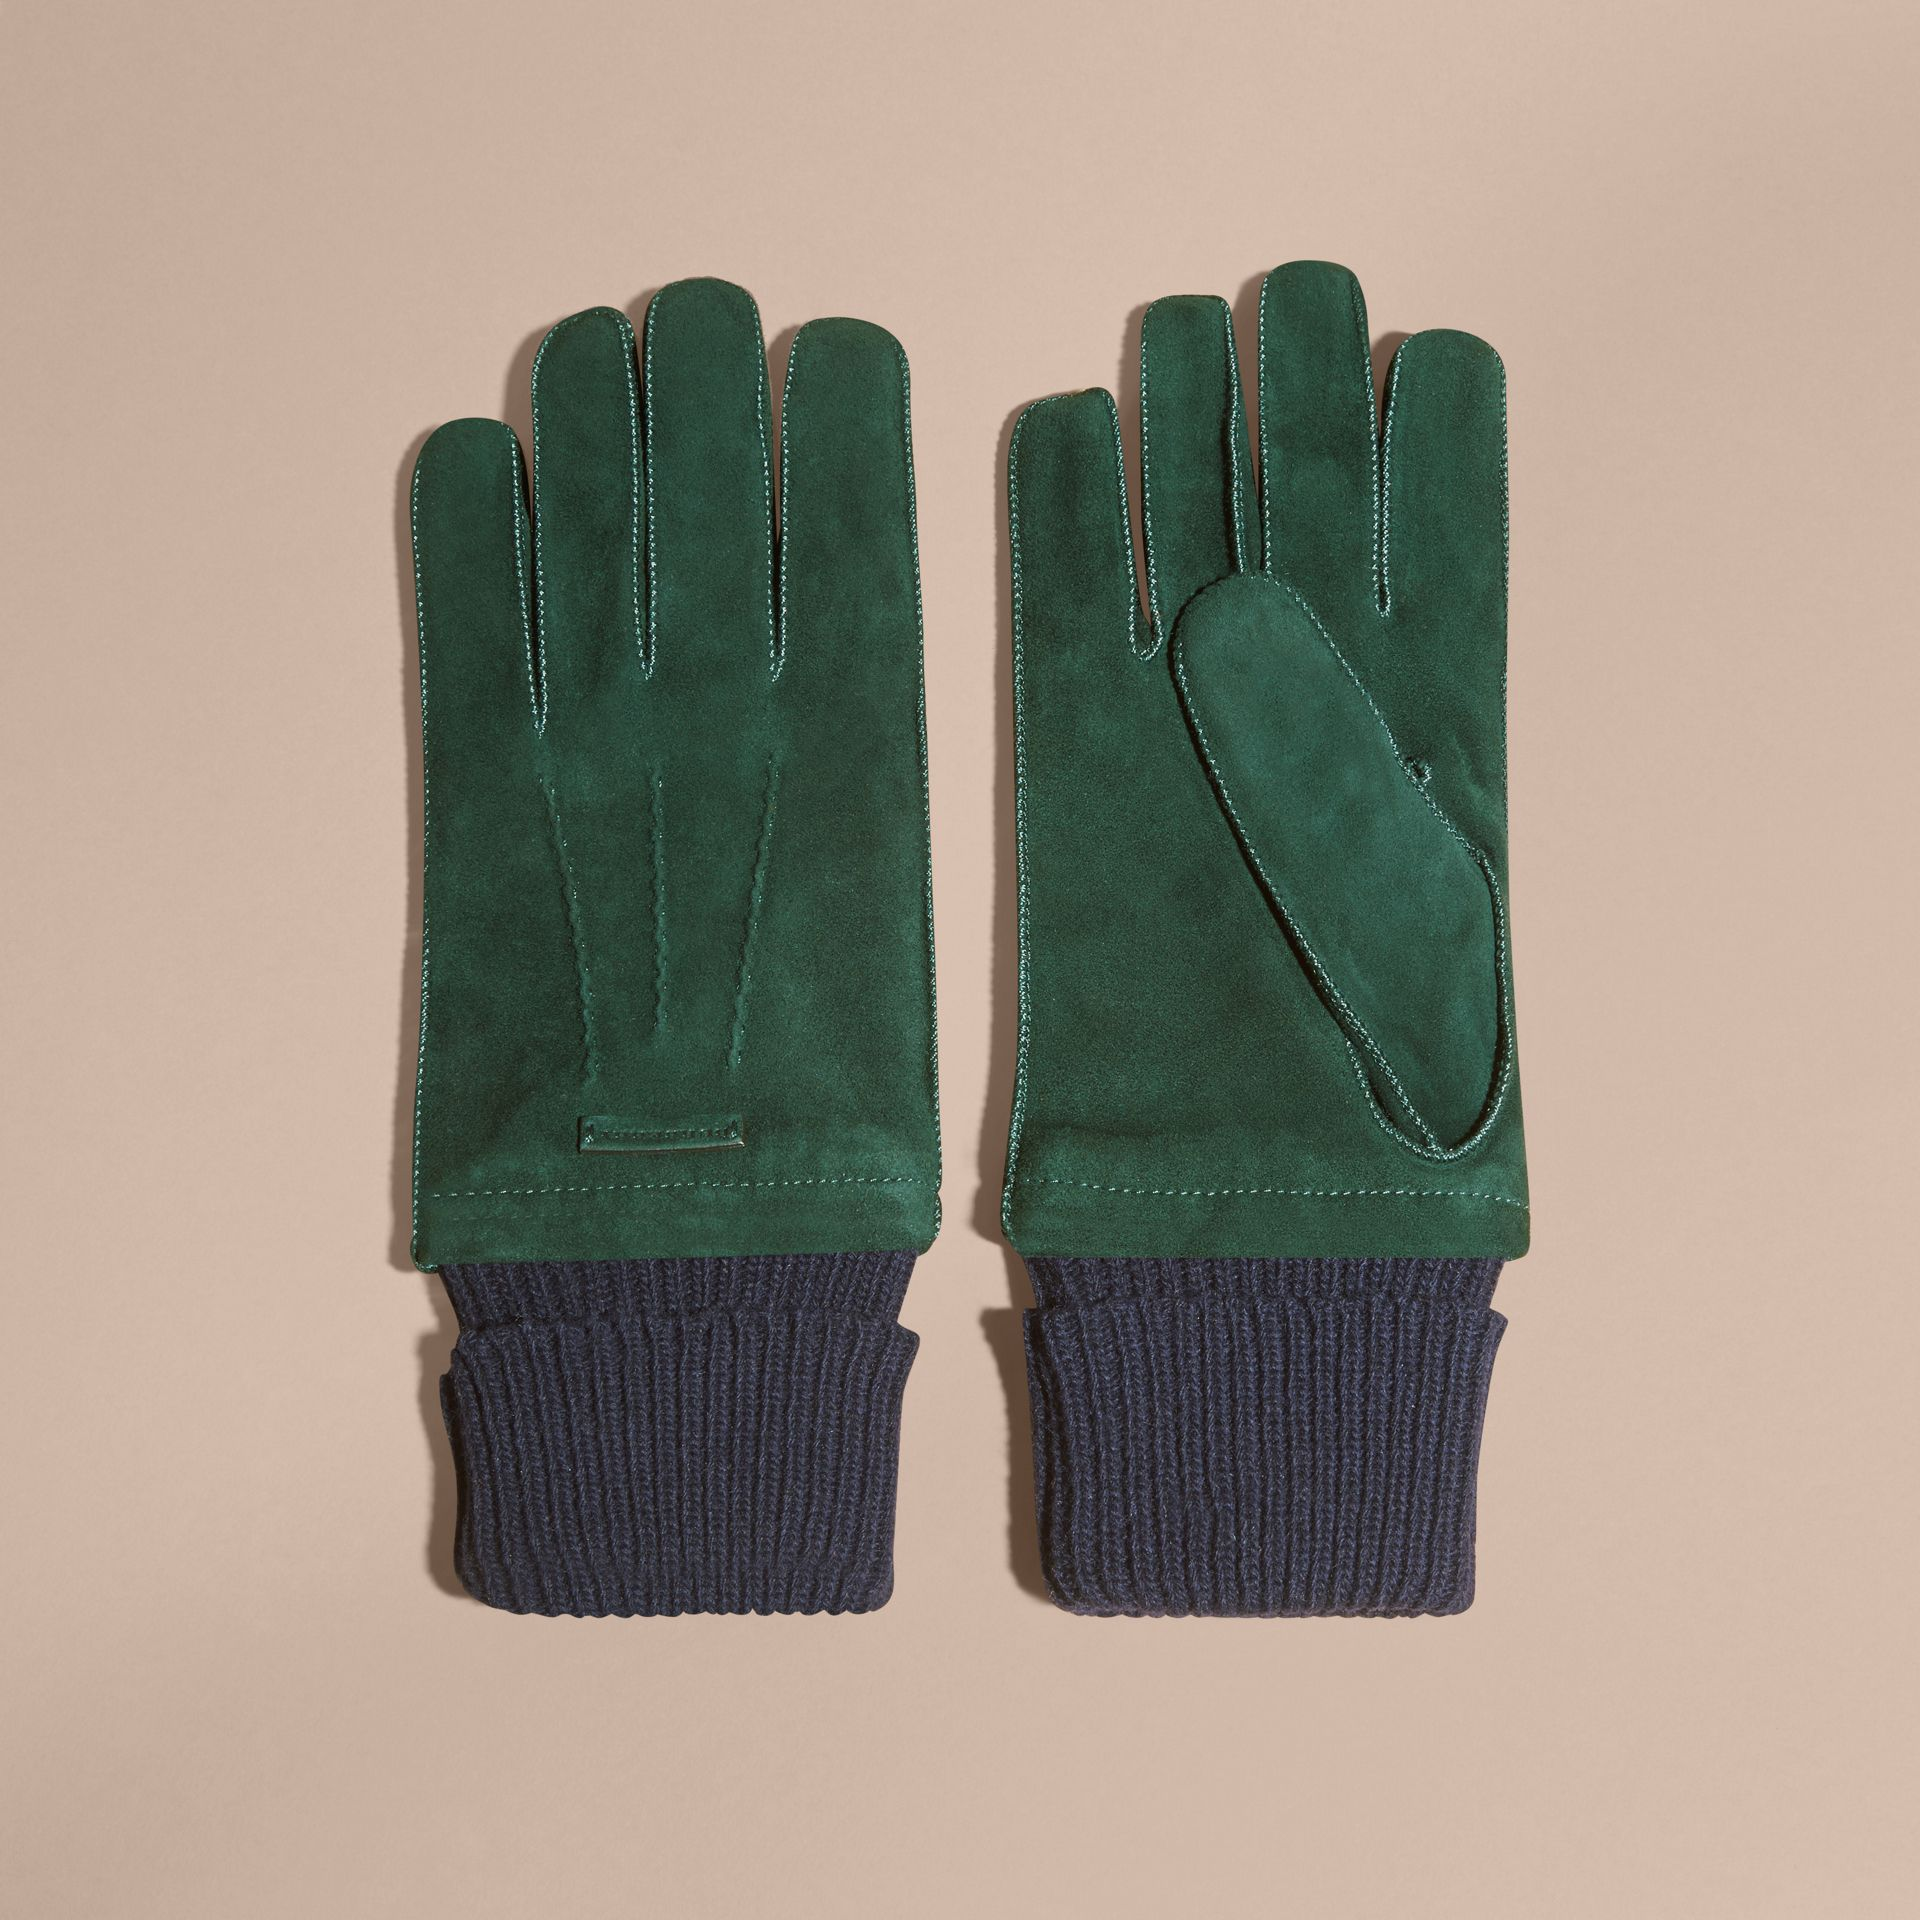 Gants en cuir velours avec bordure côtelée en laine et cachemire (Vert Cèdre Sombre) - Homme | Burberry - photo de la galerie 3